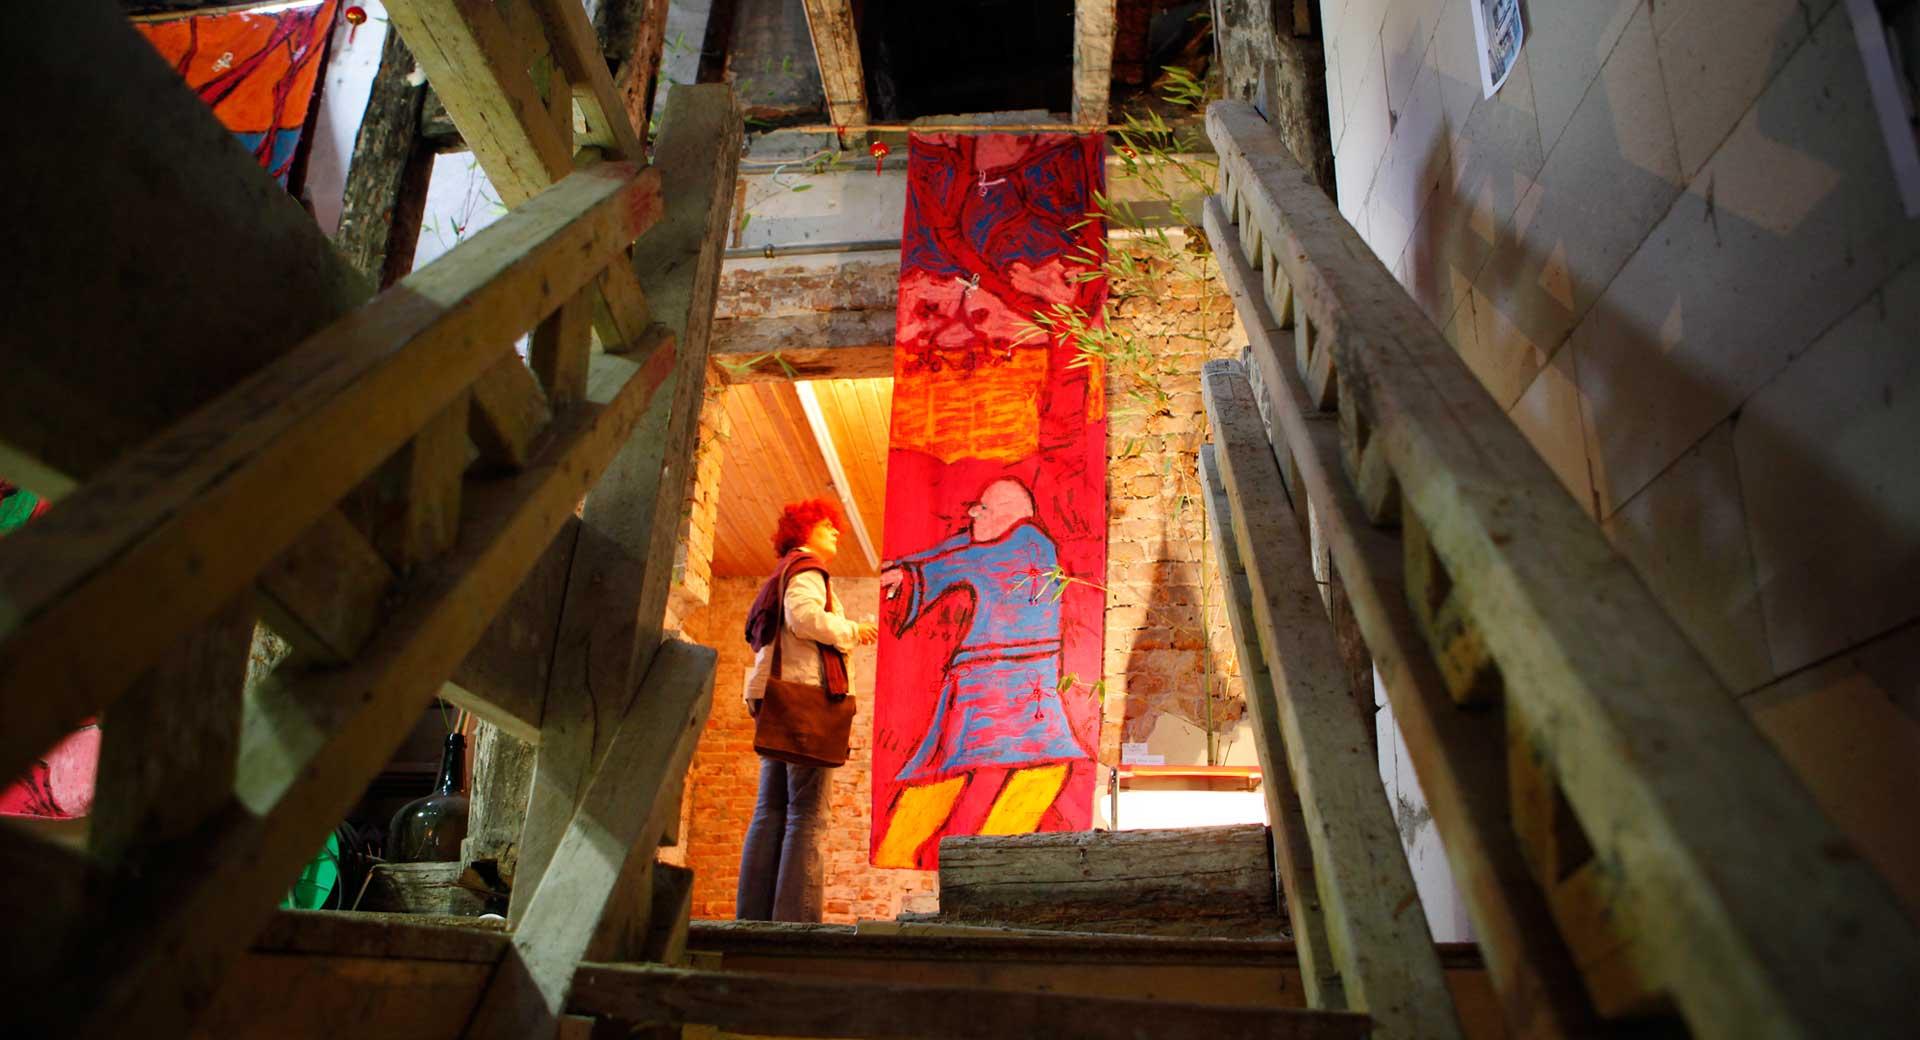 Malerei auf Stoffbahnen Ausstellung 2009